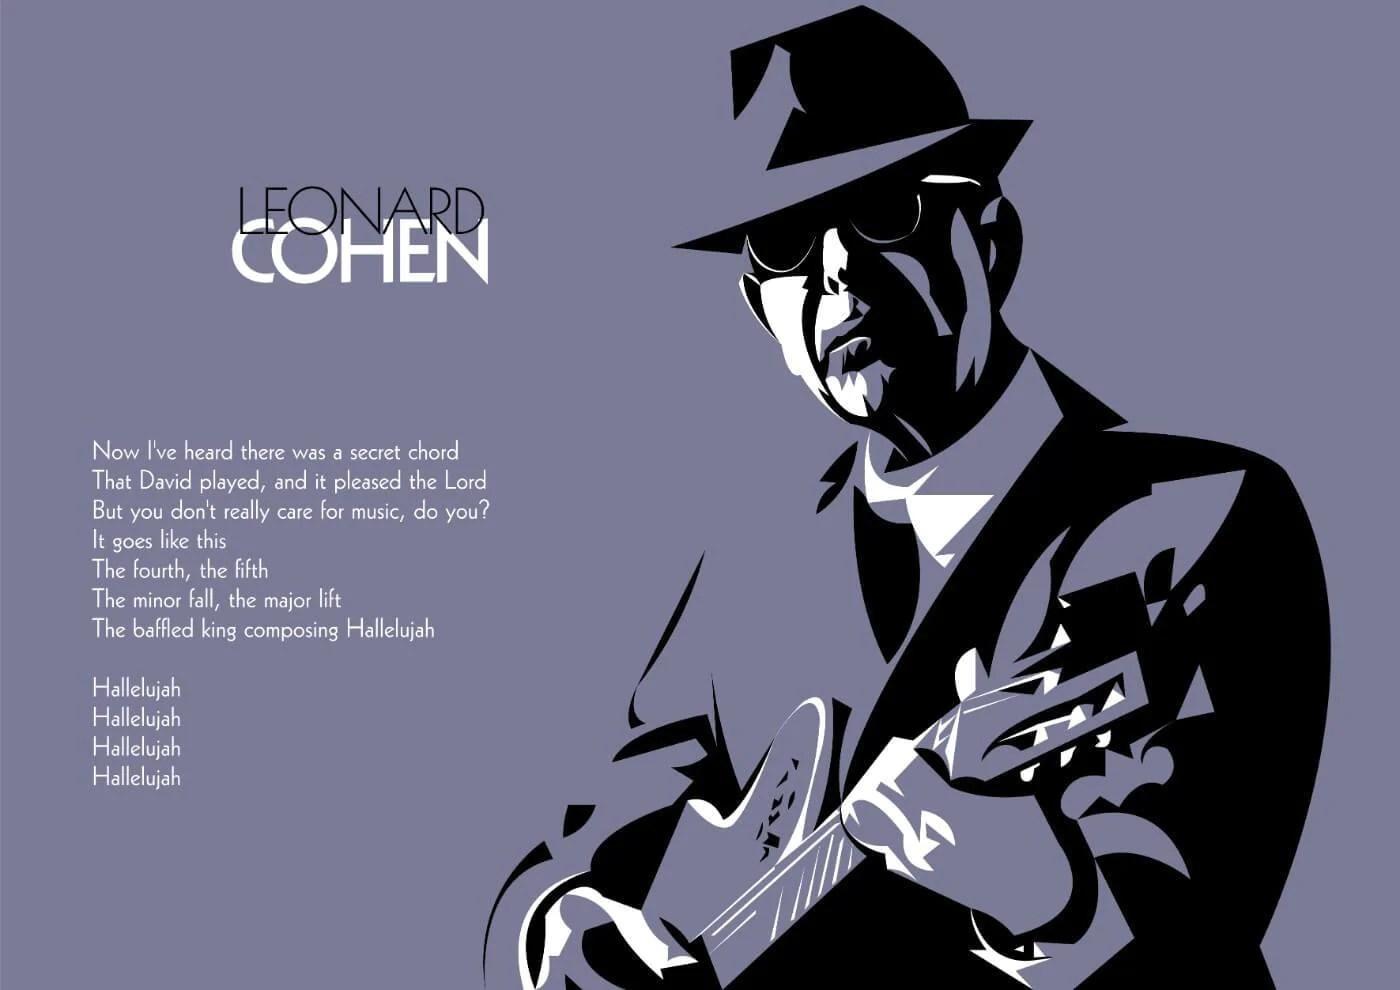 leonard cohen hallelujah graphics poster posters